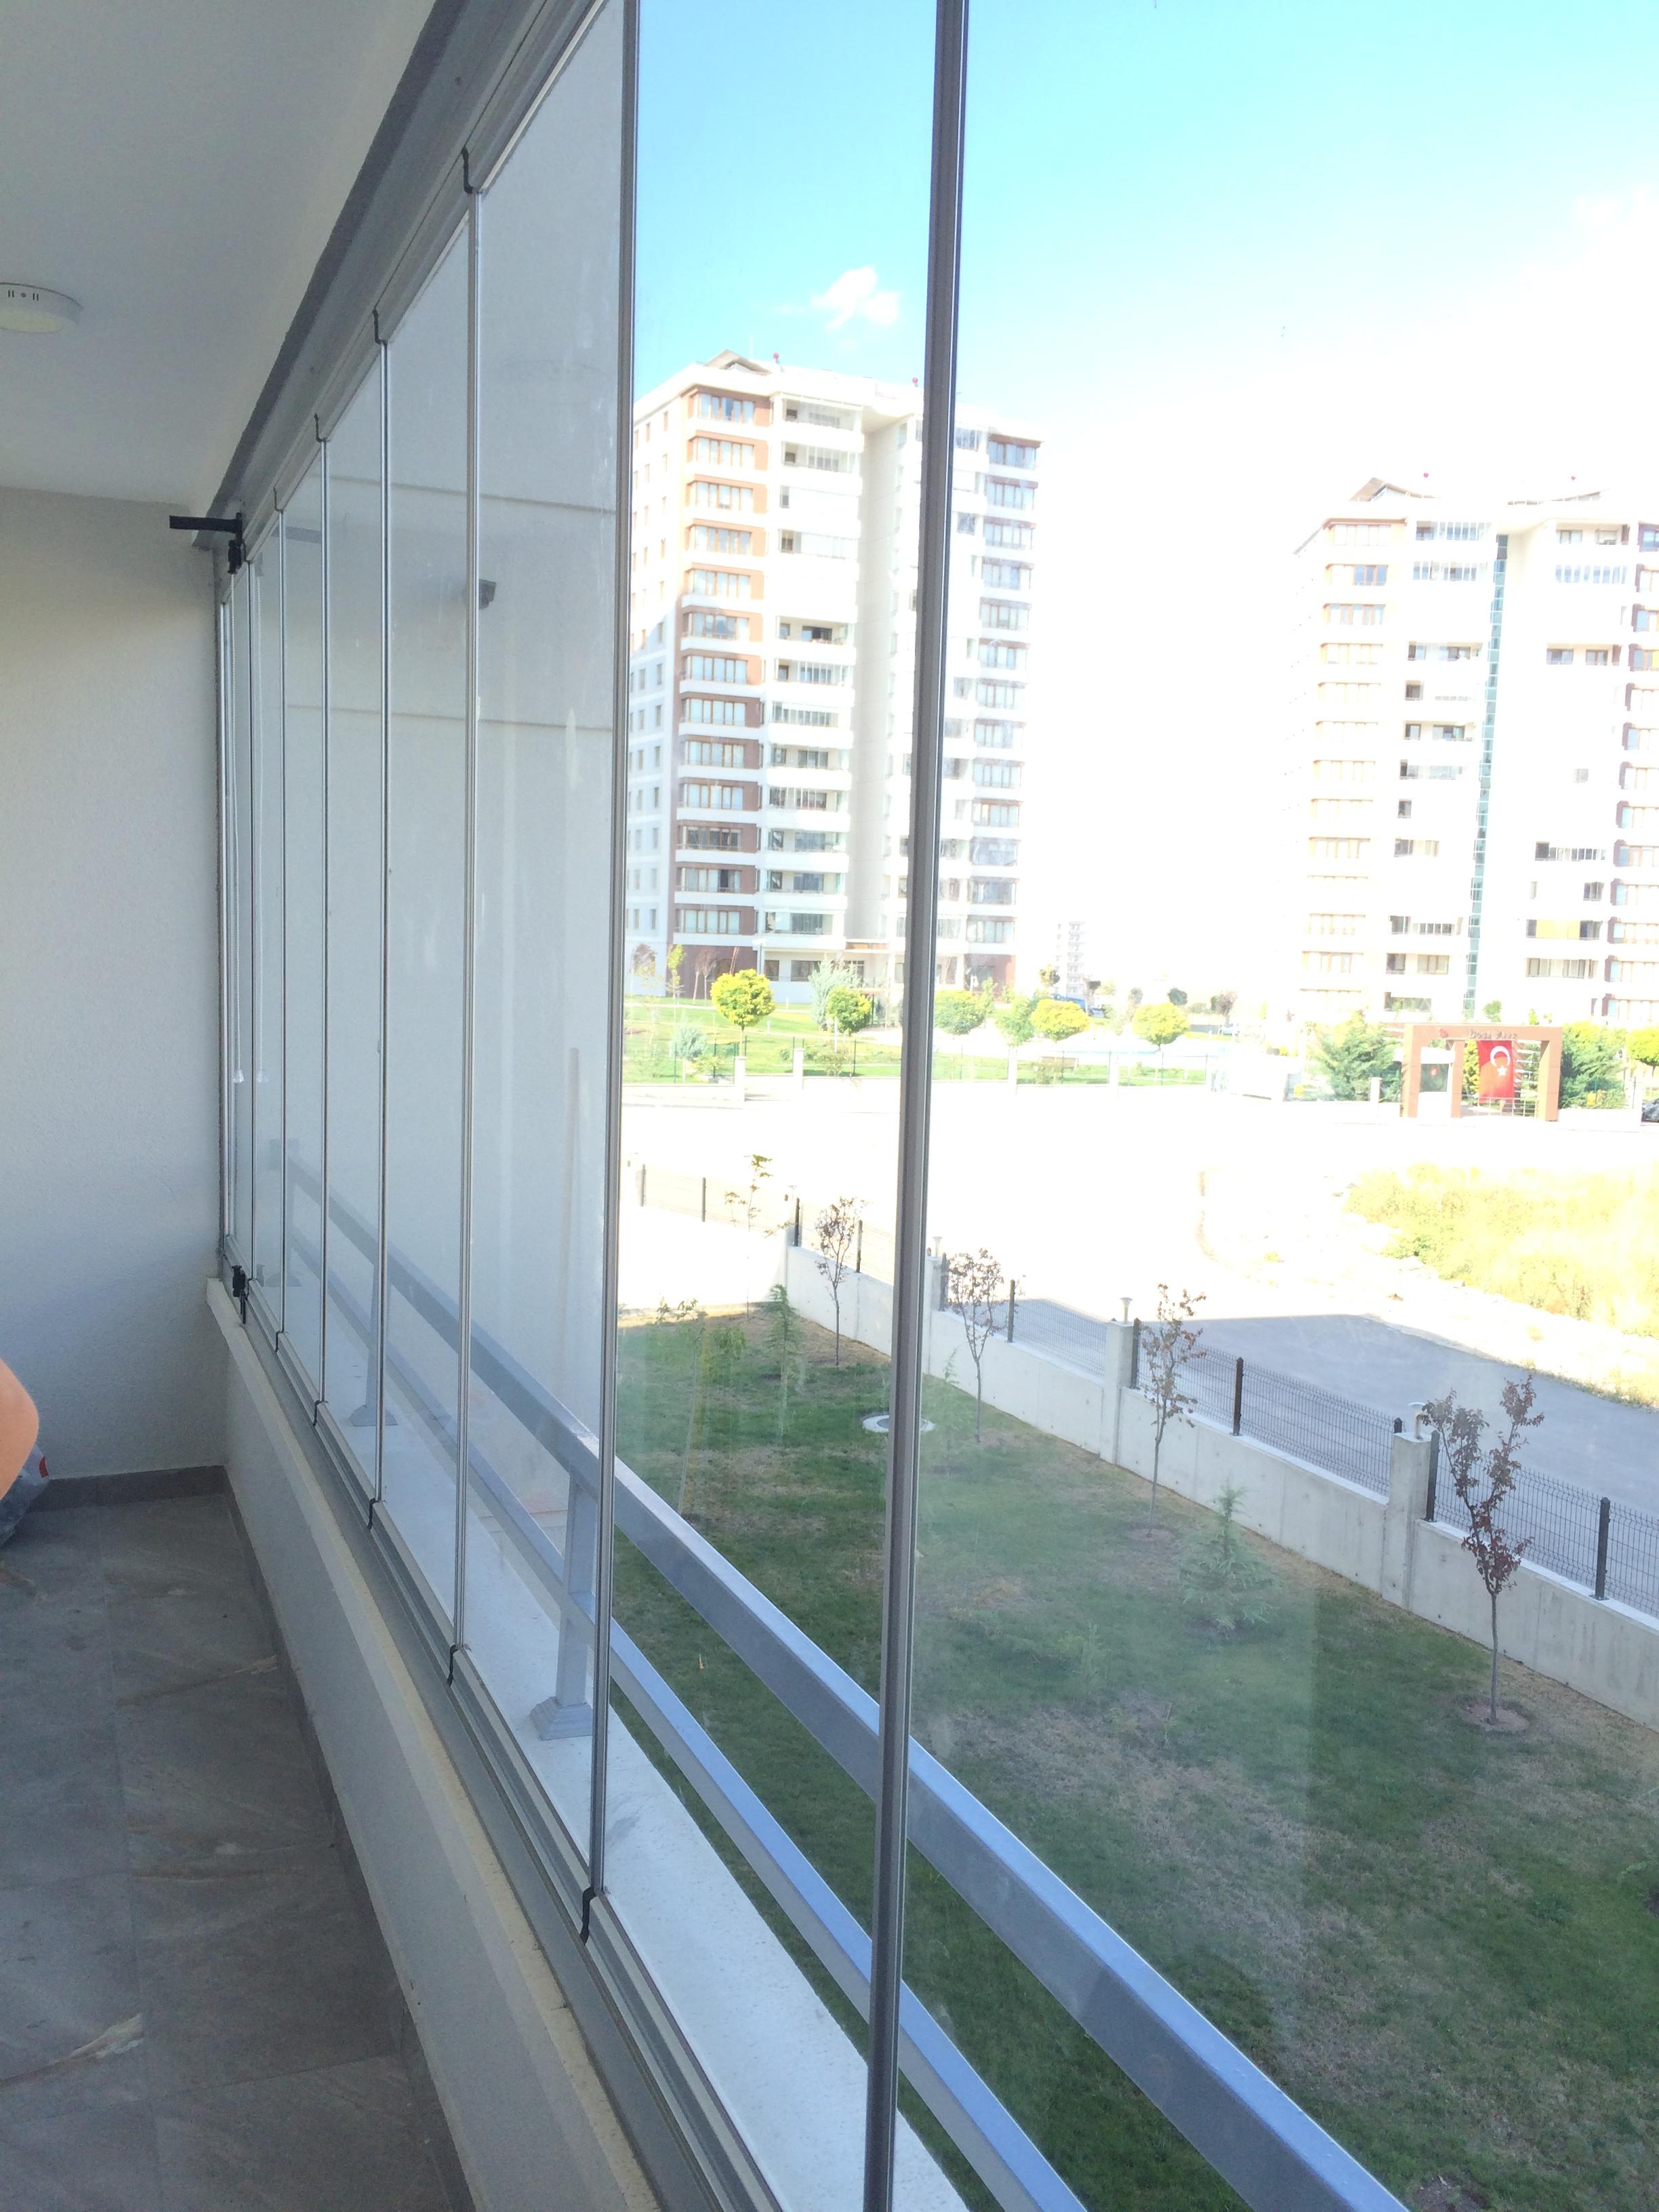 baglica-cam-balkon